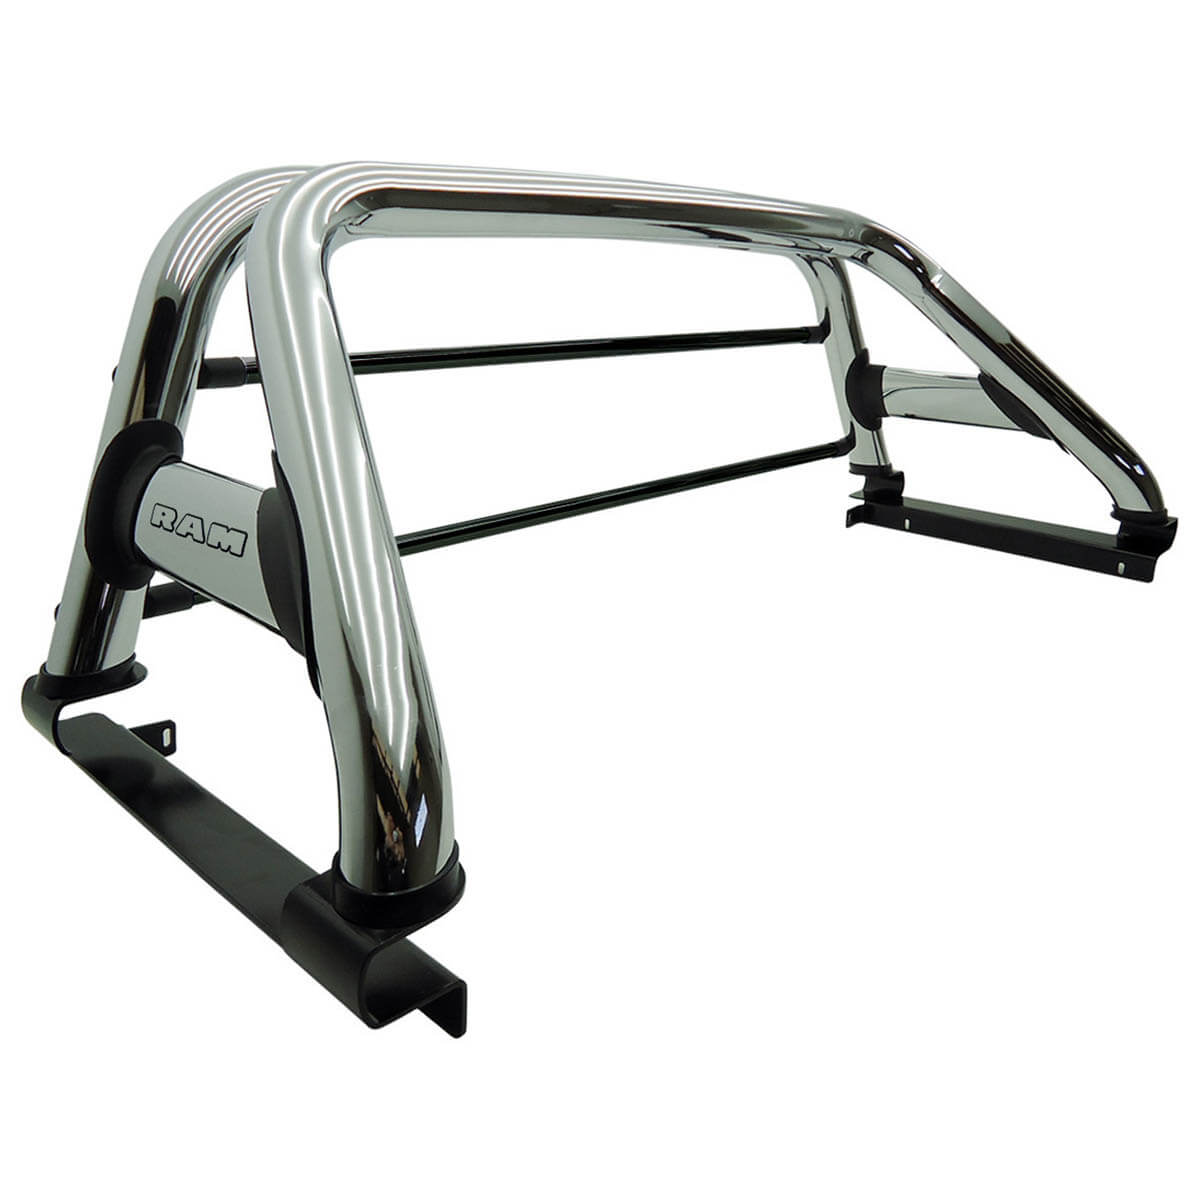 Santo antônio Track duplo cromado Dodge Ram 2005 a 2011 ou Laramie 2012 com barras de vidro